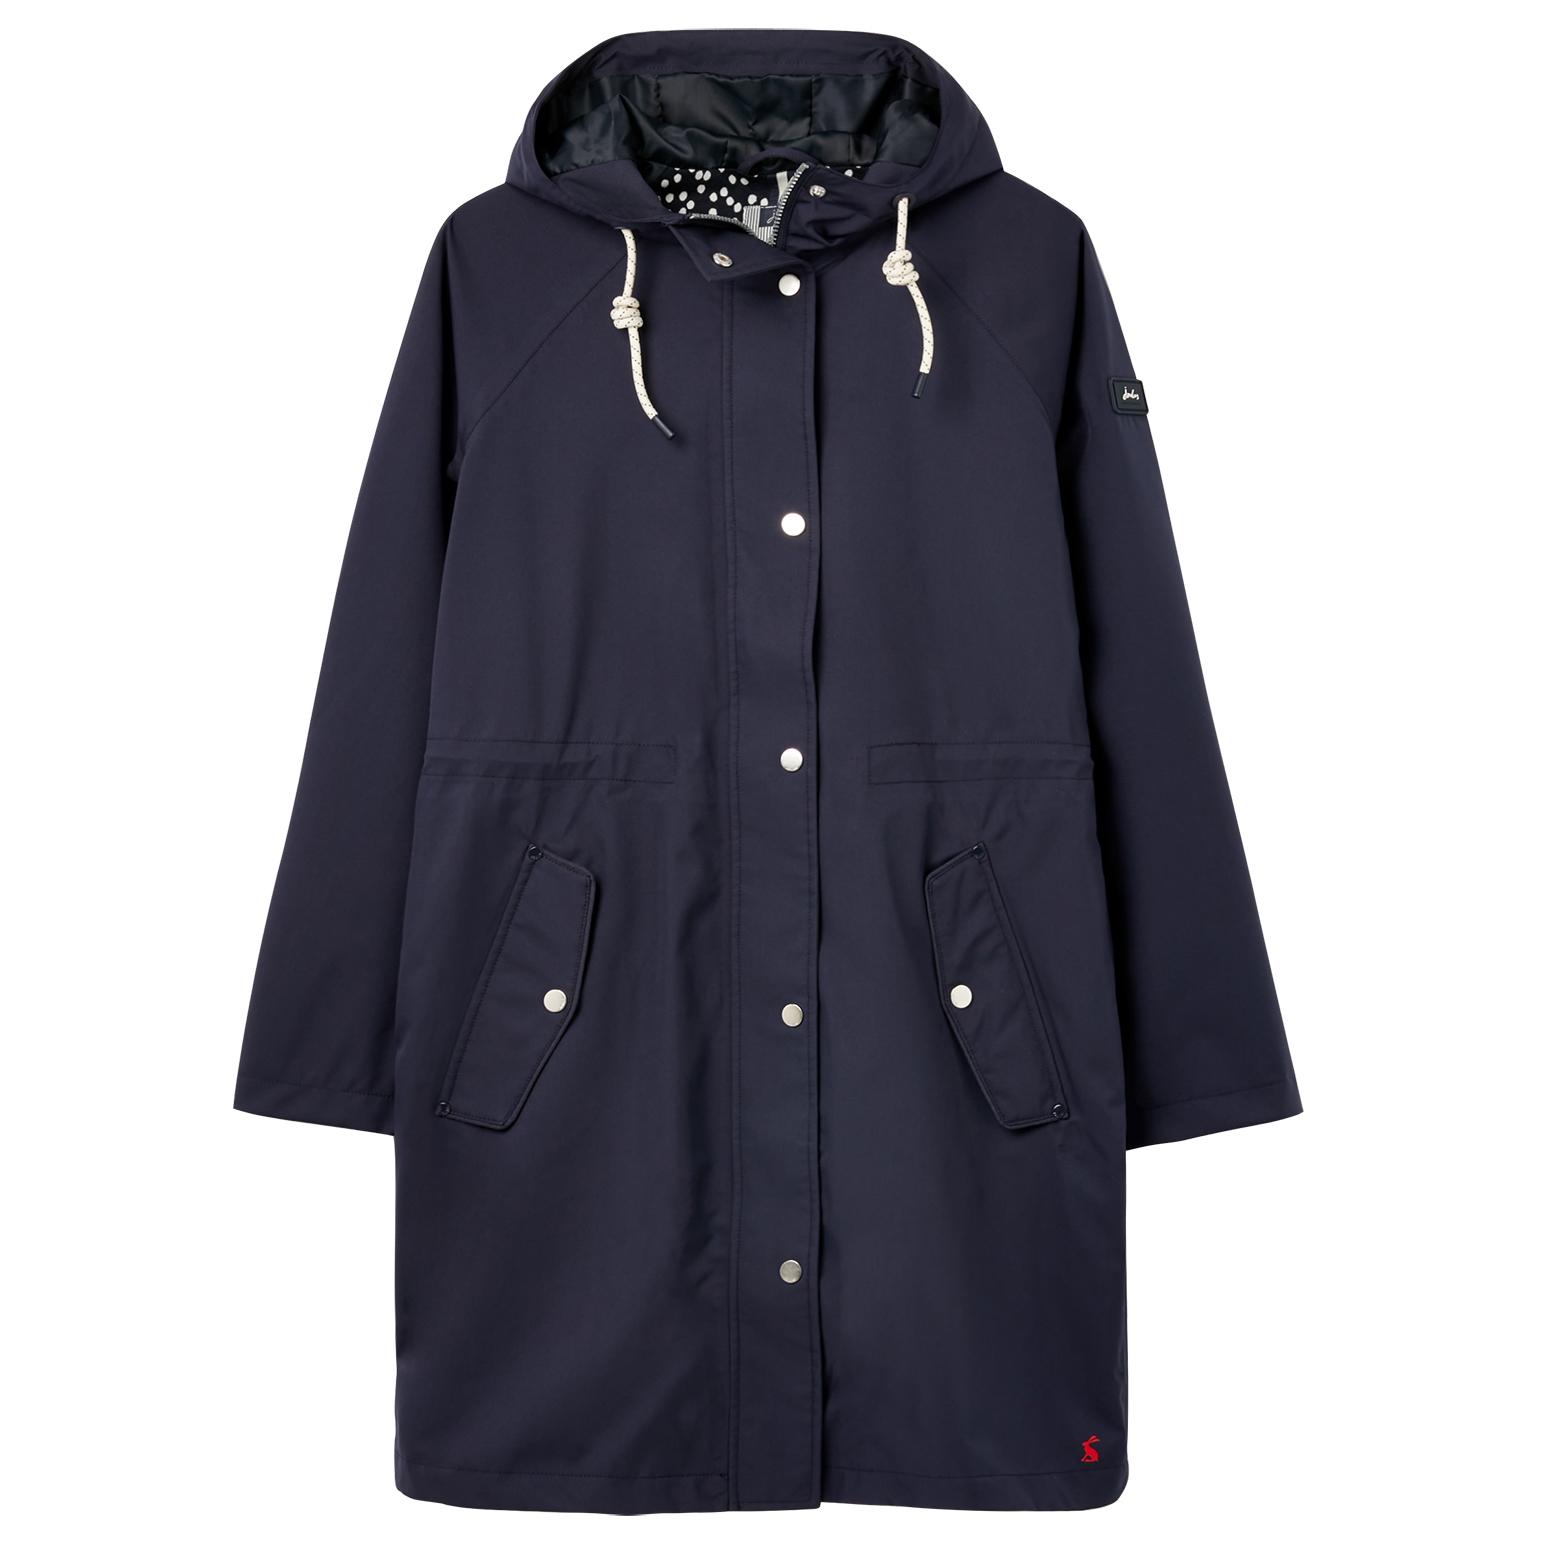 Joules Womens Rainmoore Lined Waterproof Raincoat Jacket UK